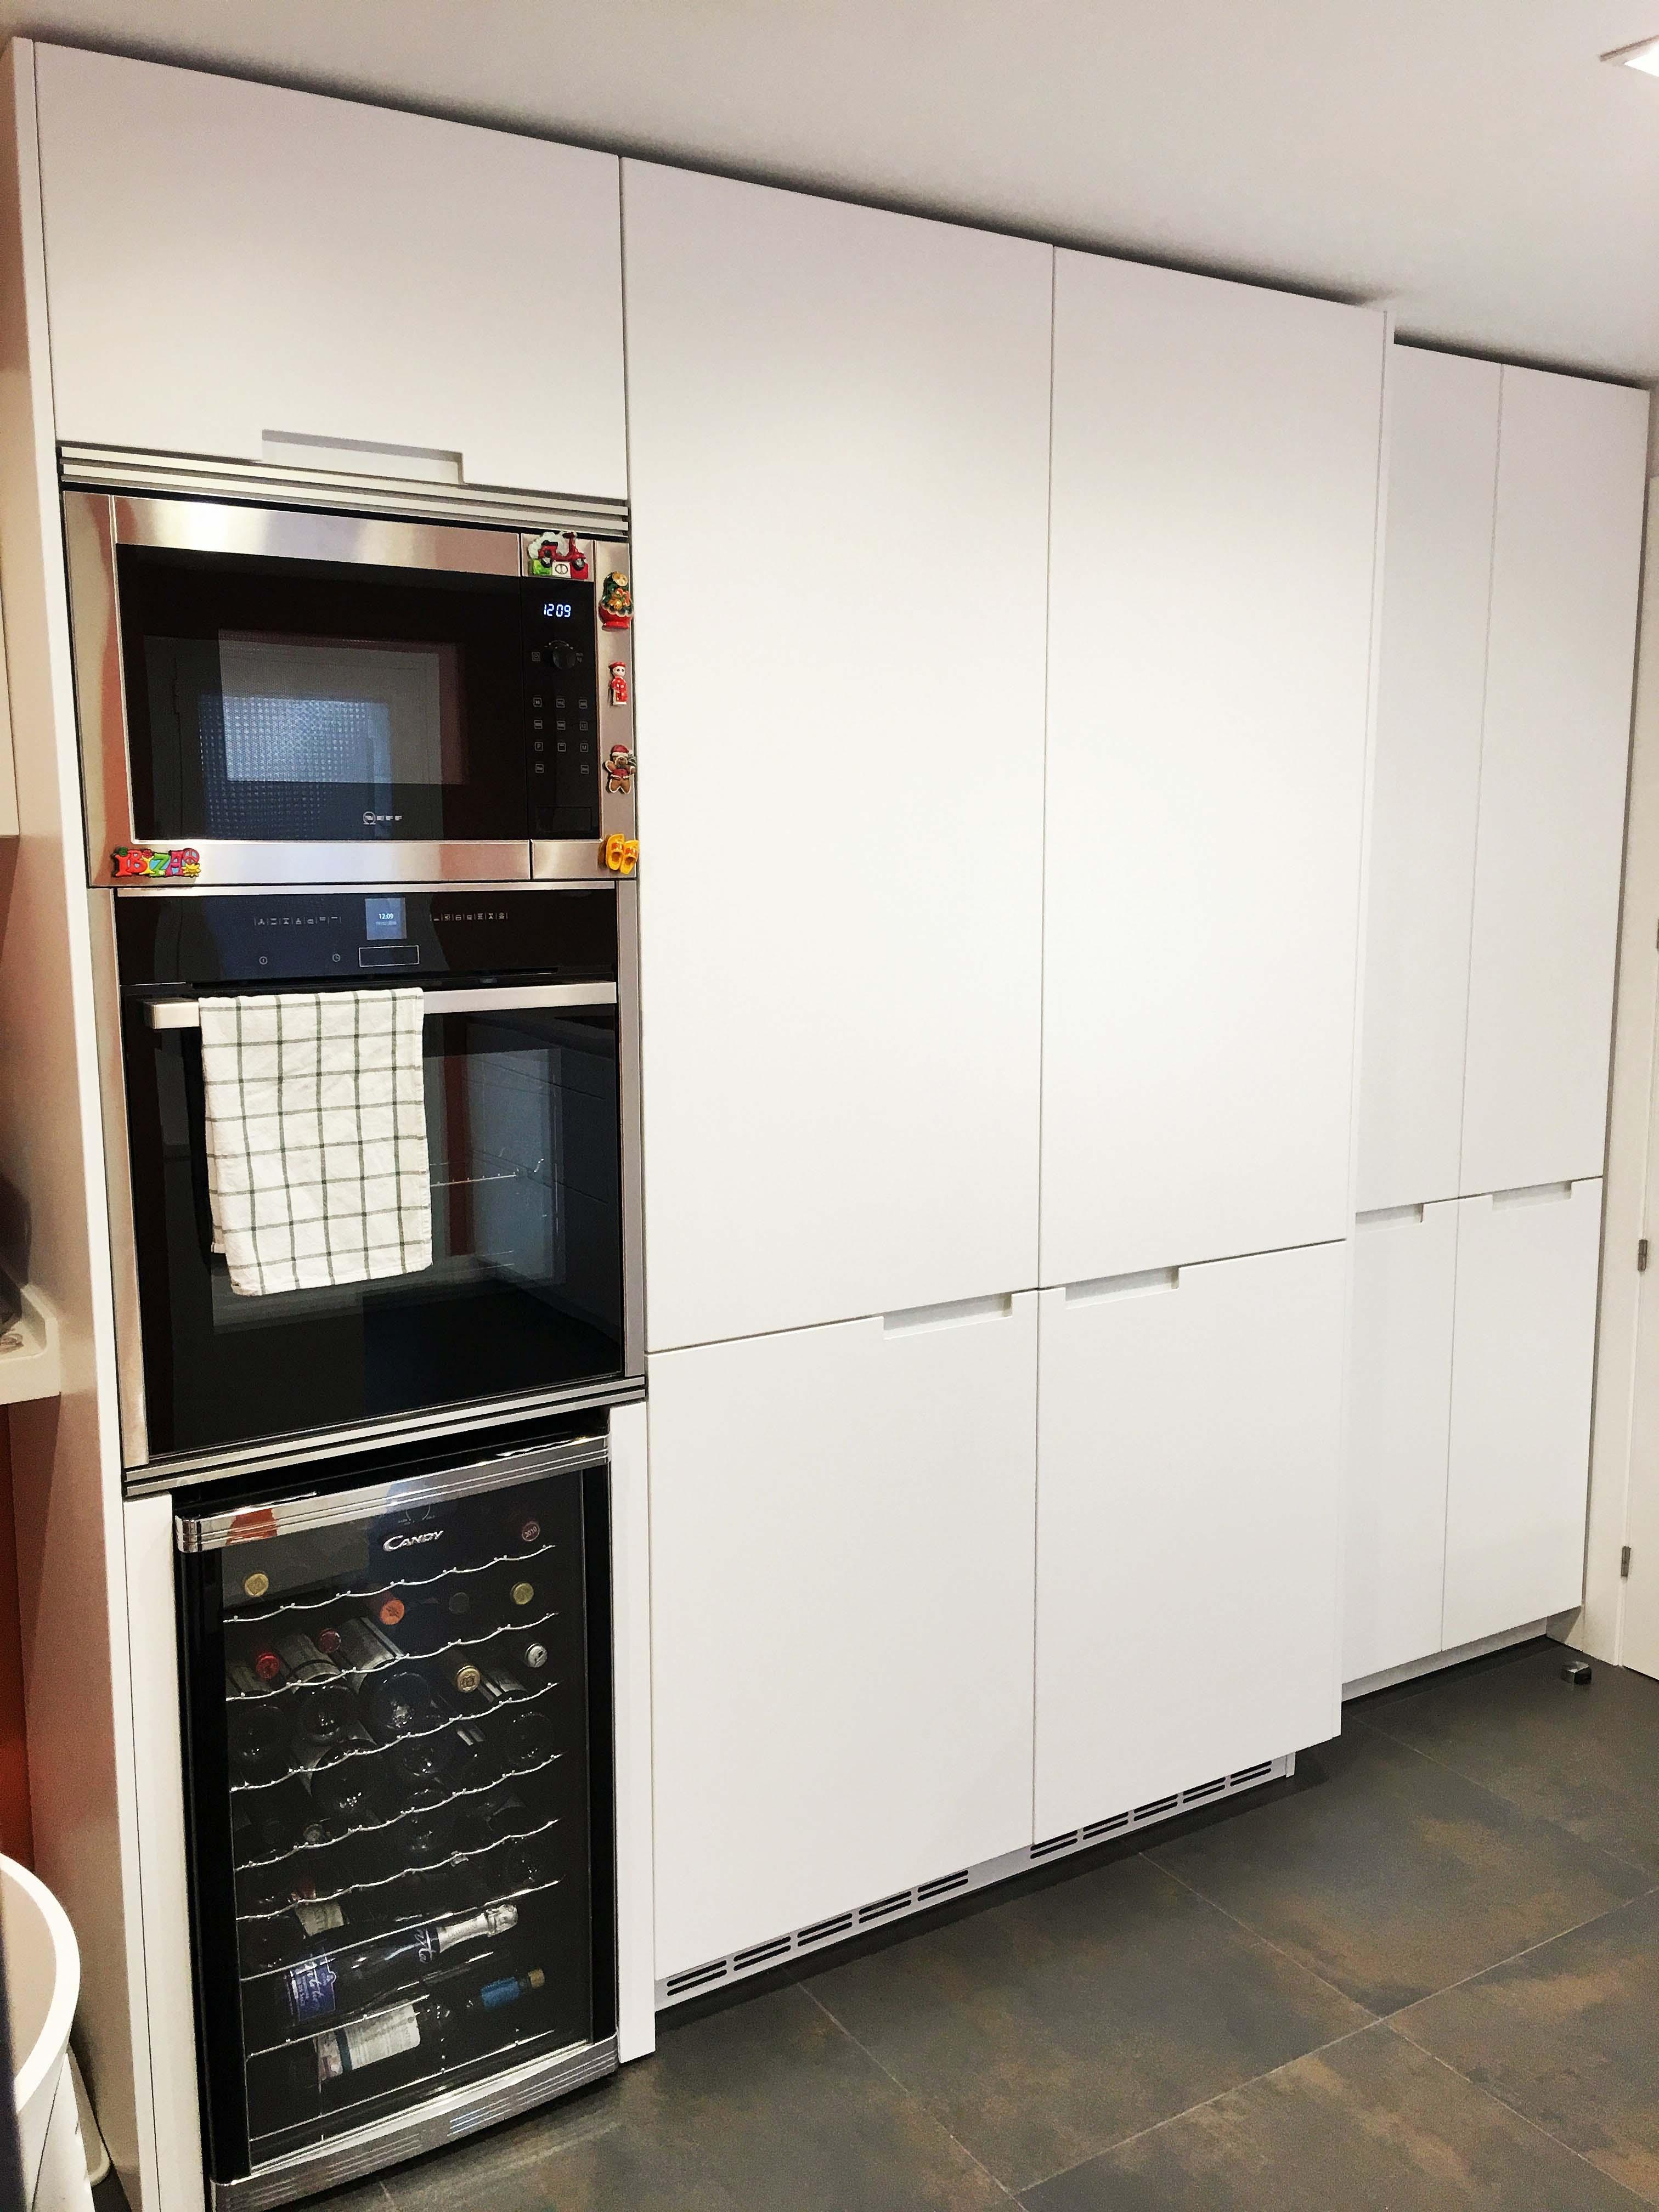 Cocina en el soto santos muebles de cocina - Financiar muebles sin nomina ...